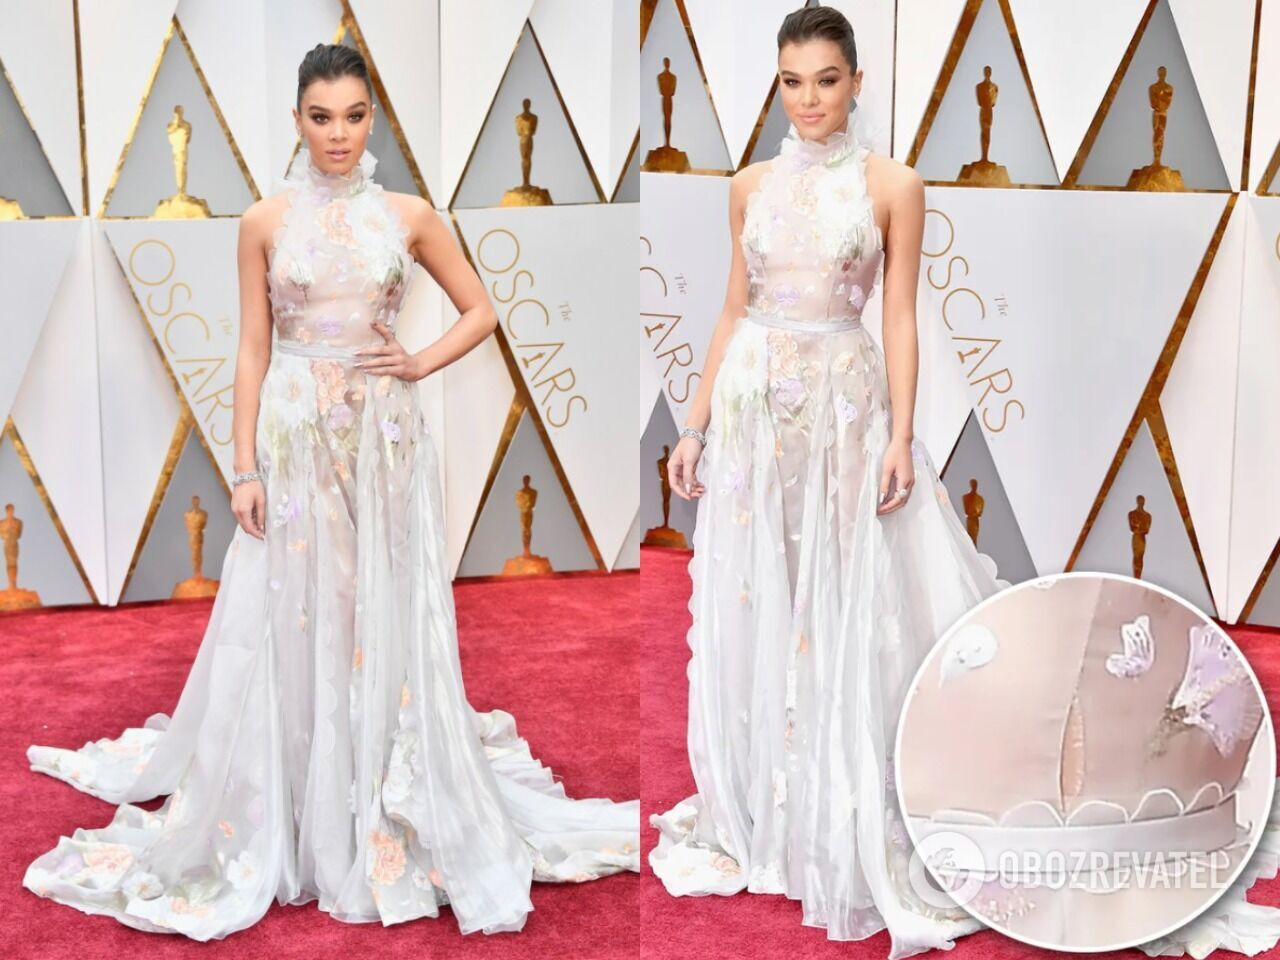 Хейли Стейнфилд появилась на ковровой дорожке в рваном платье